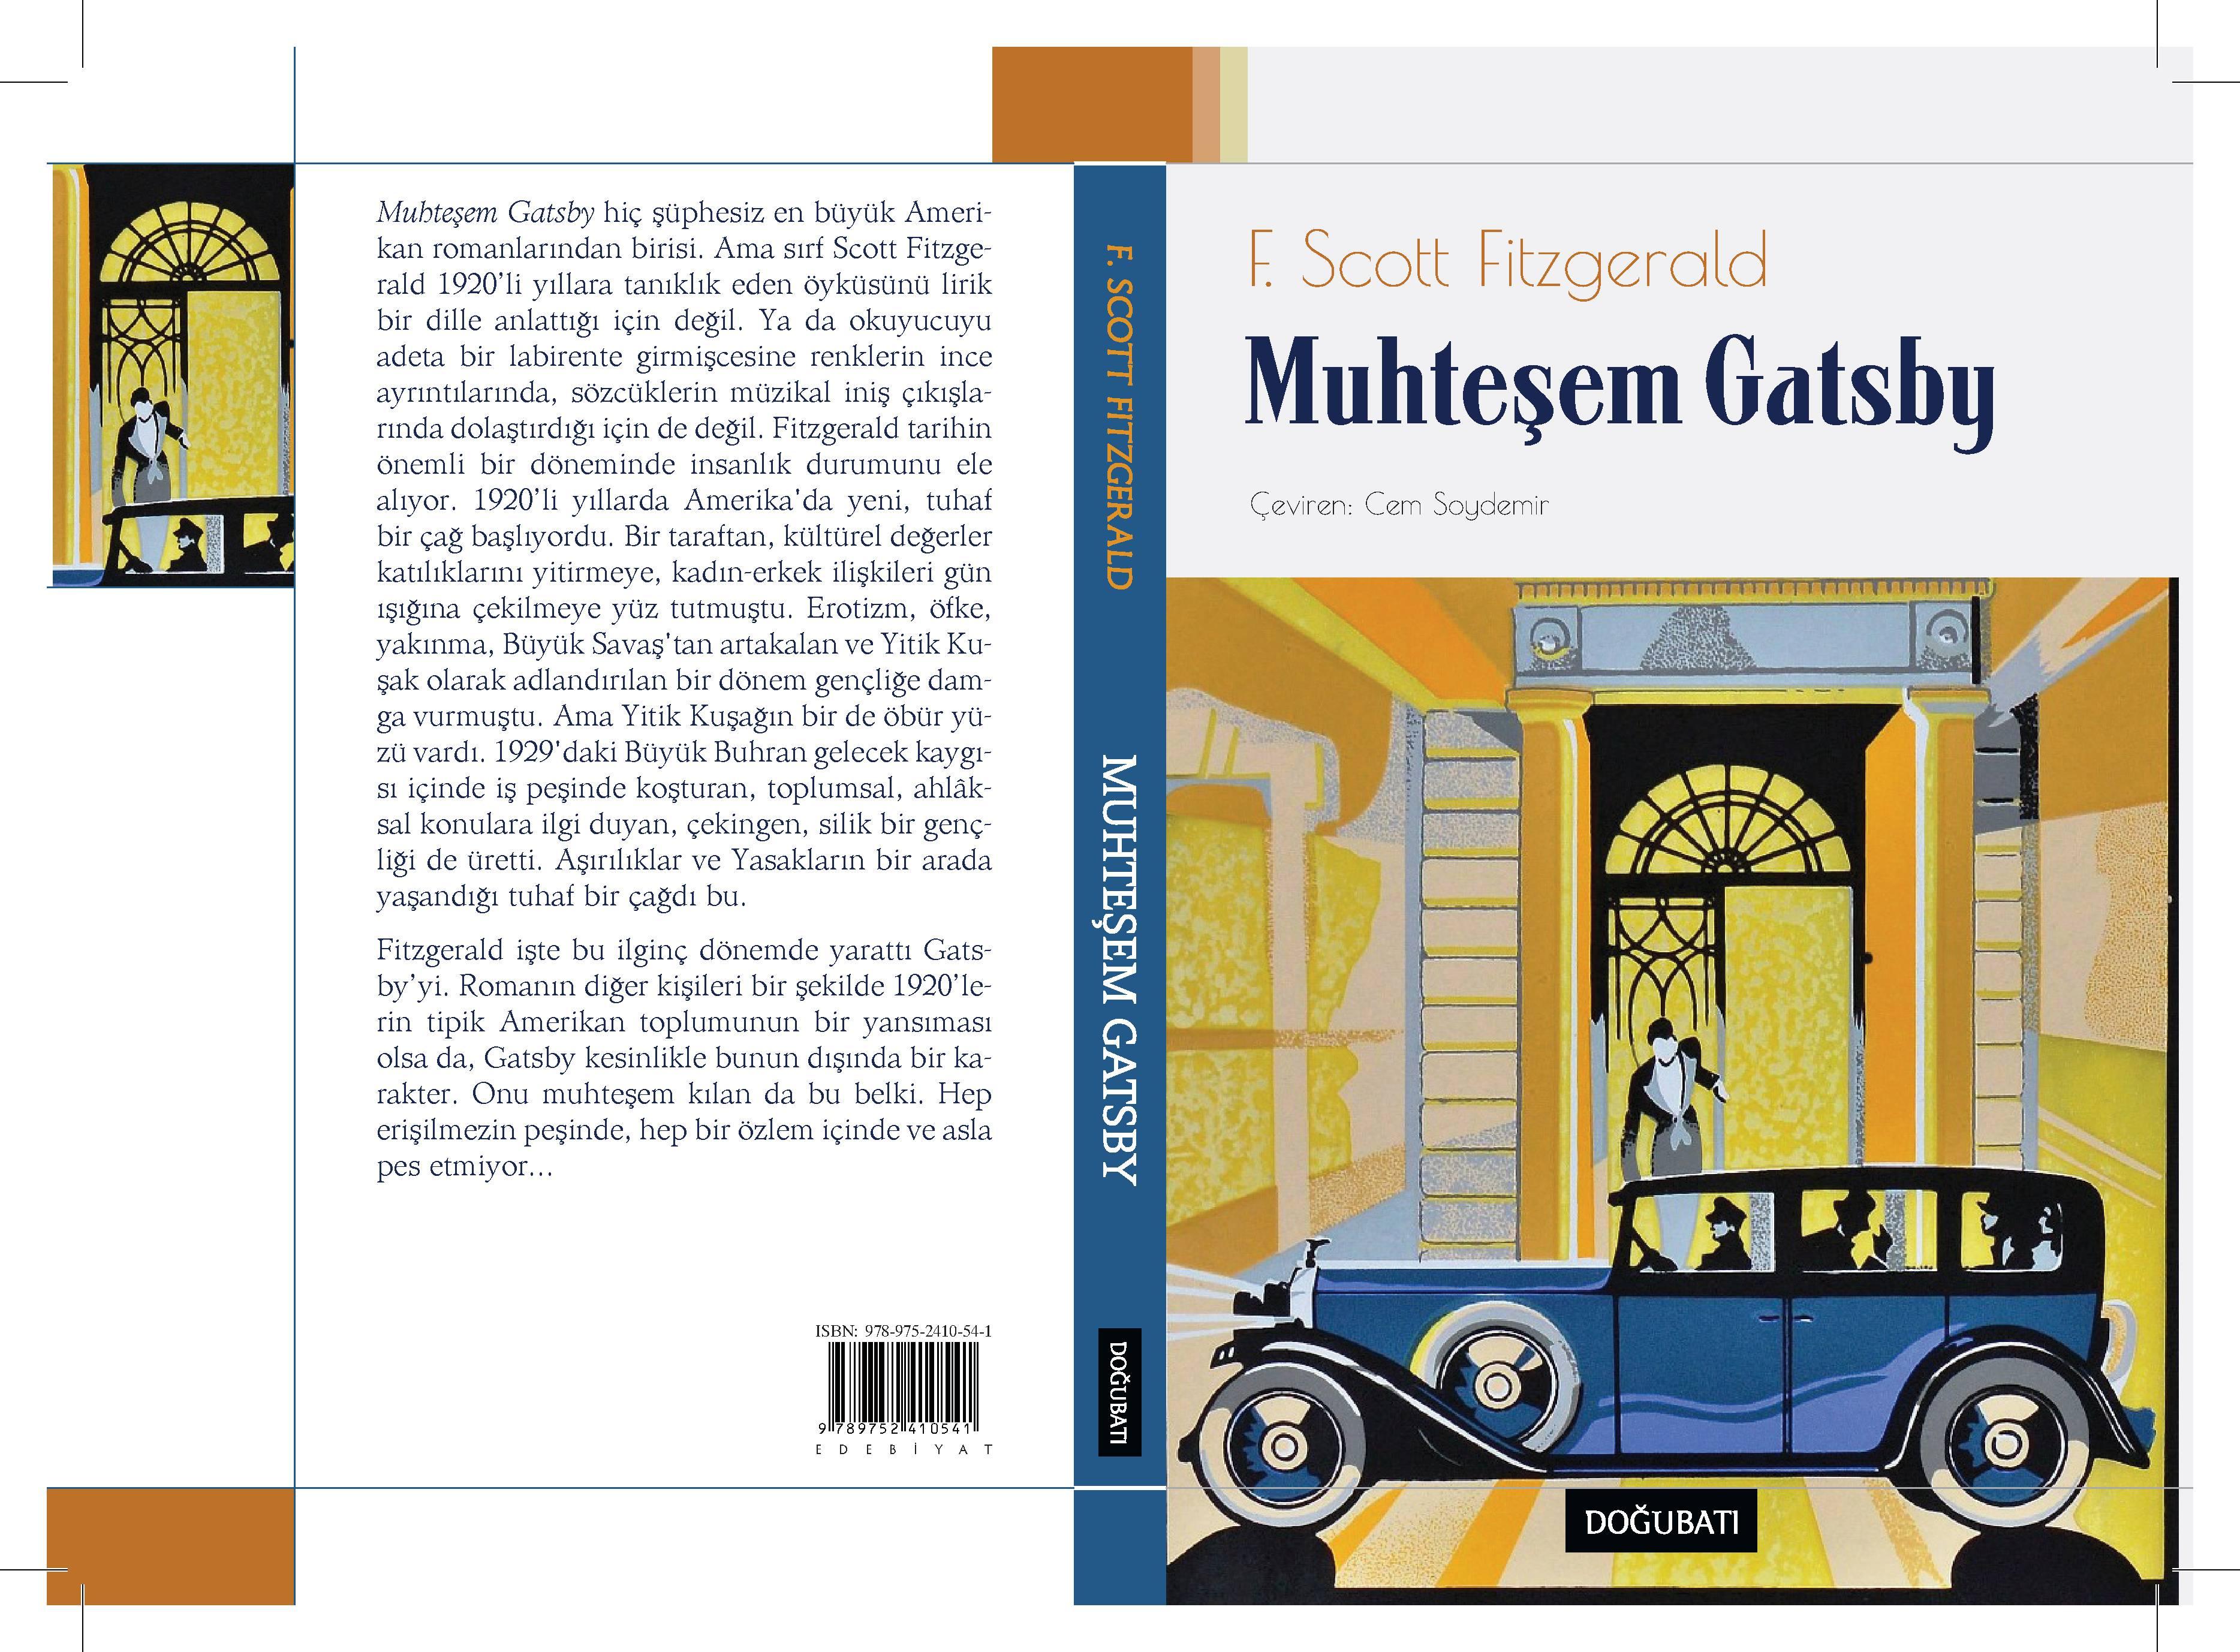 Muhteşem Gatsby – Yitik Kuşağın İncisi